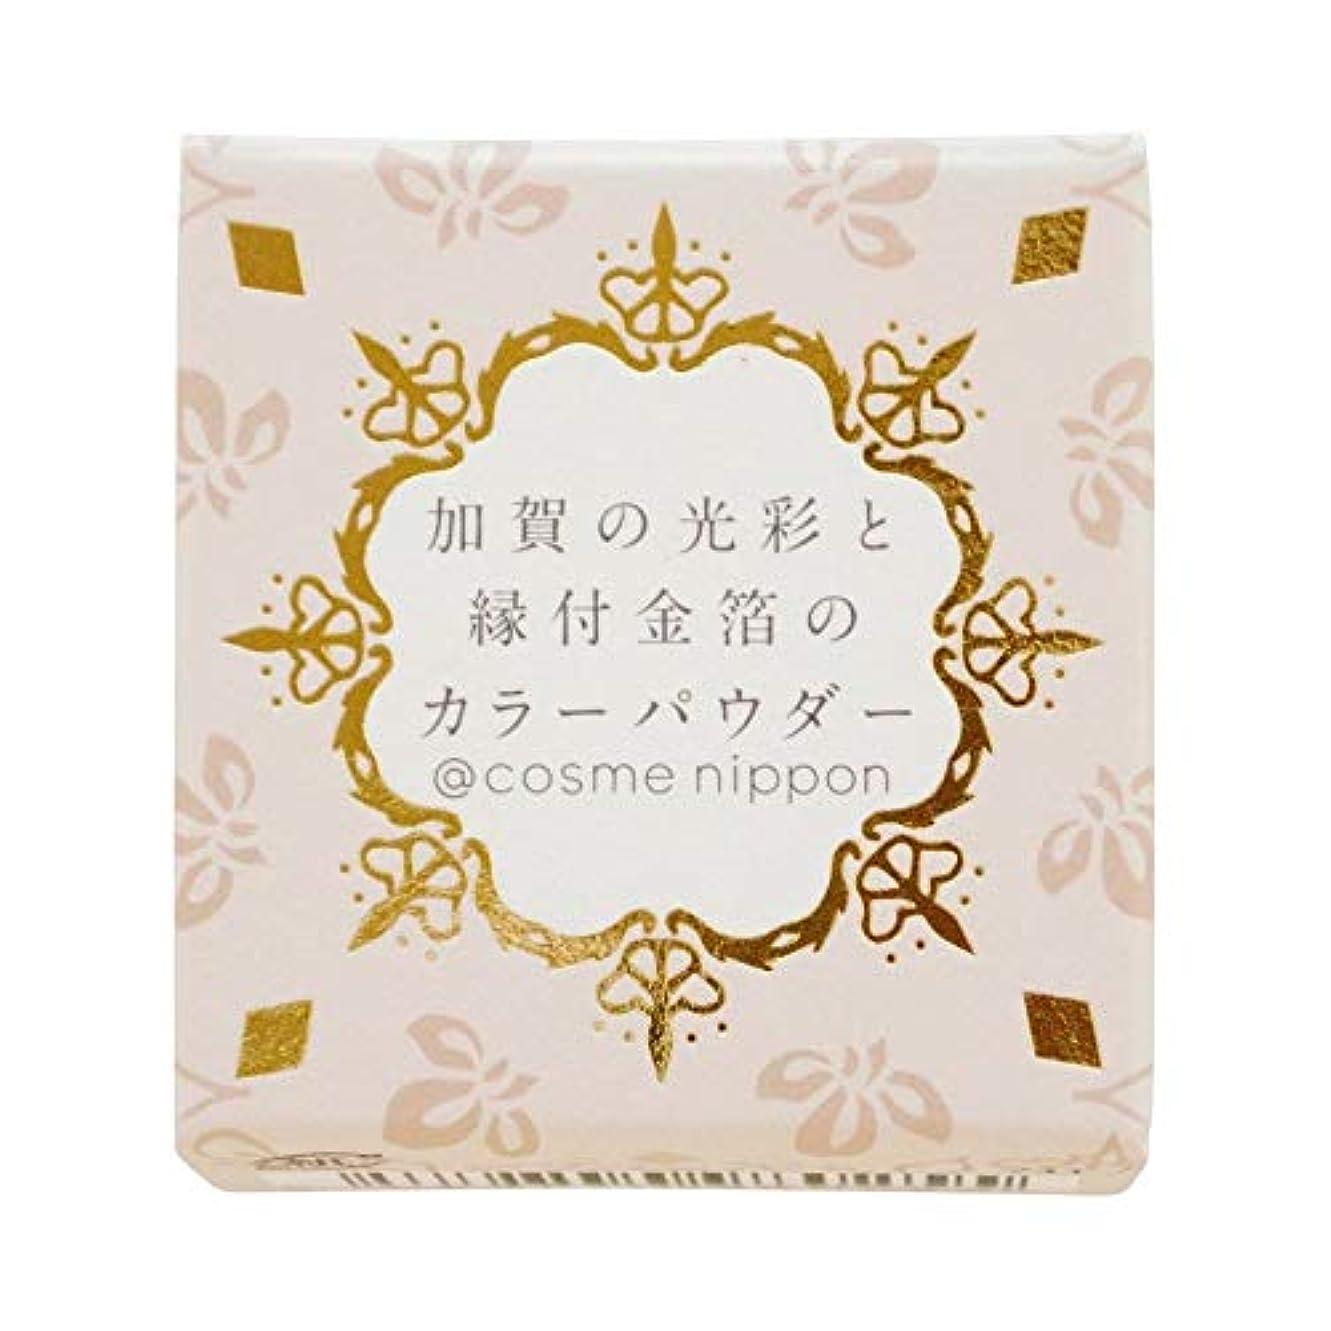 安全性要件本質的に友禅工芸 すずらん加賀の光彩と縁付け金箔のカラーパウダー01金色こんじき